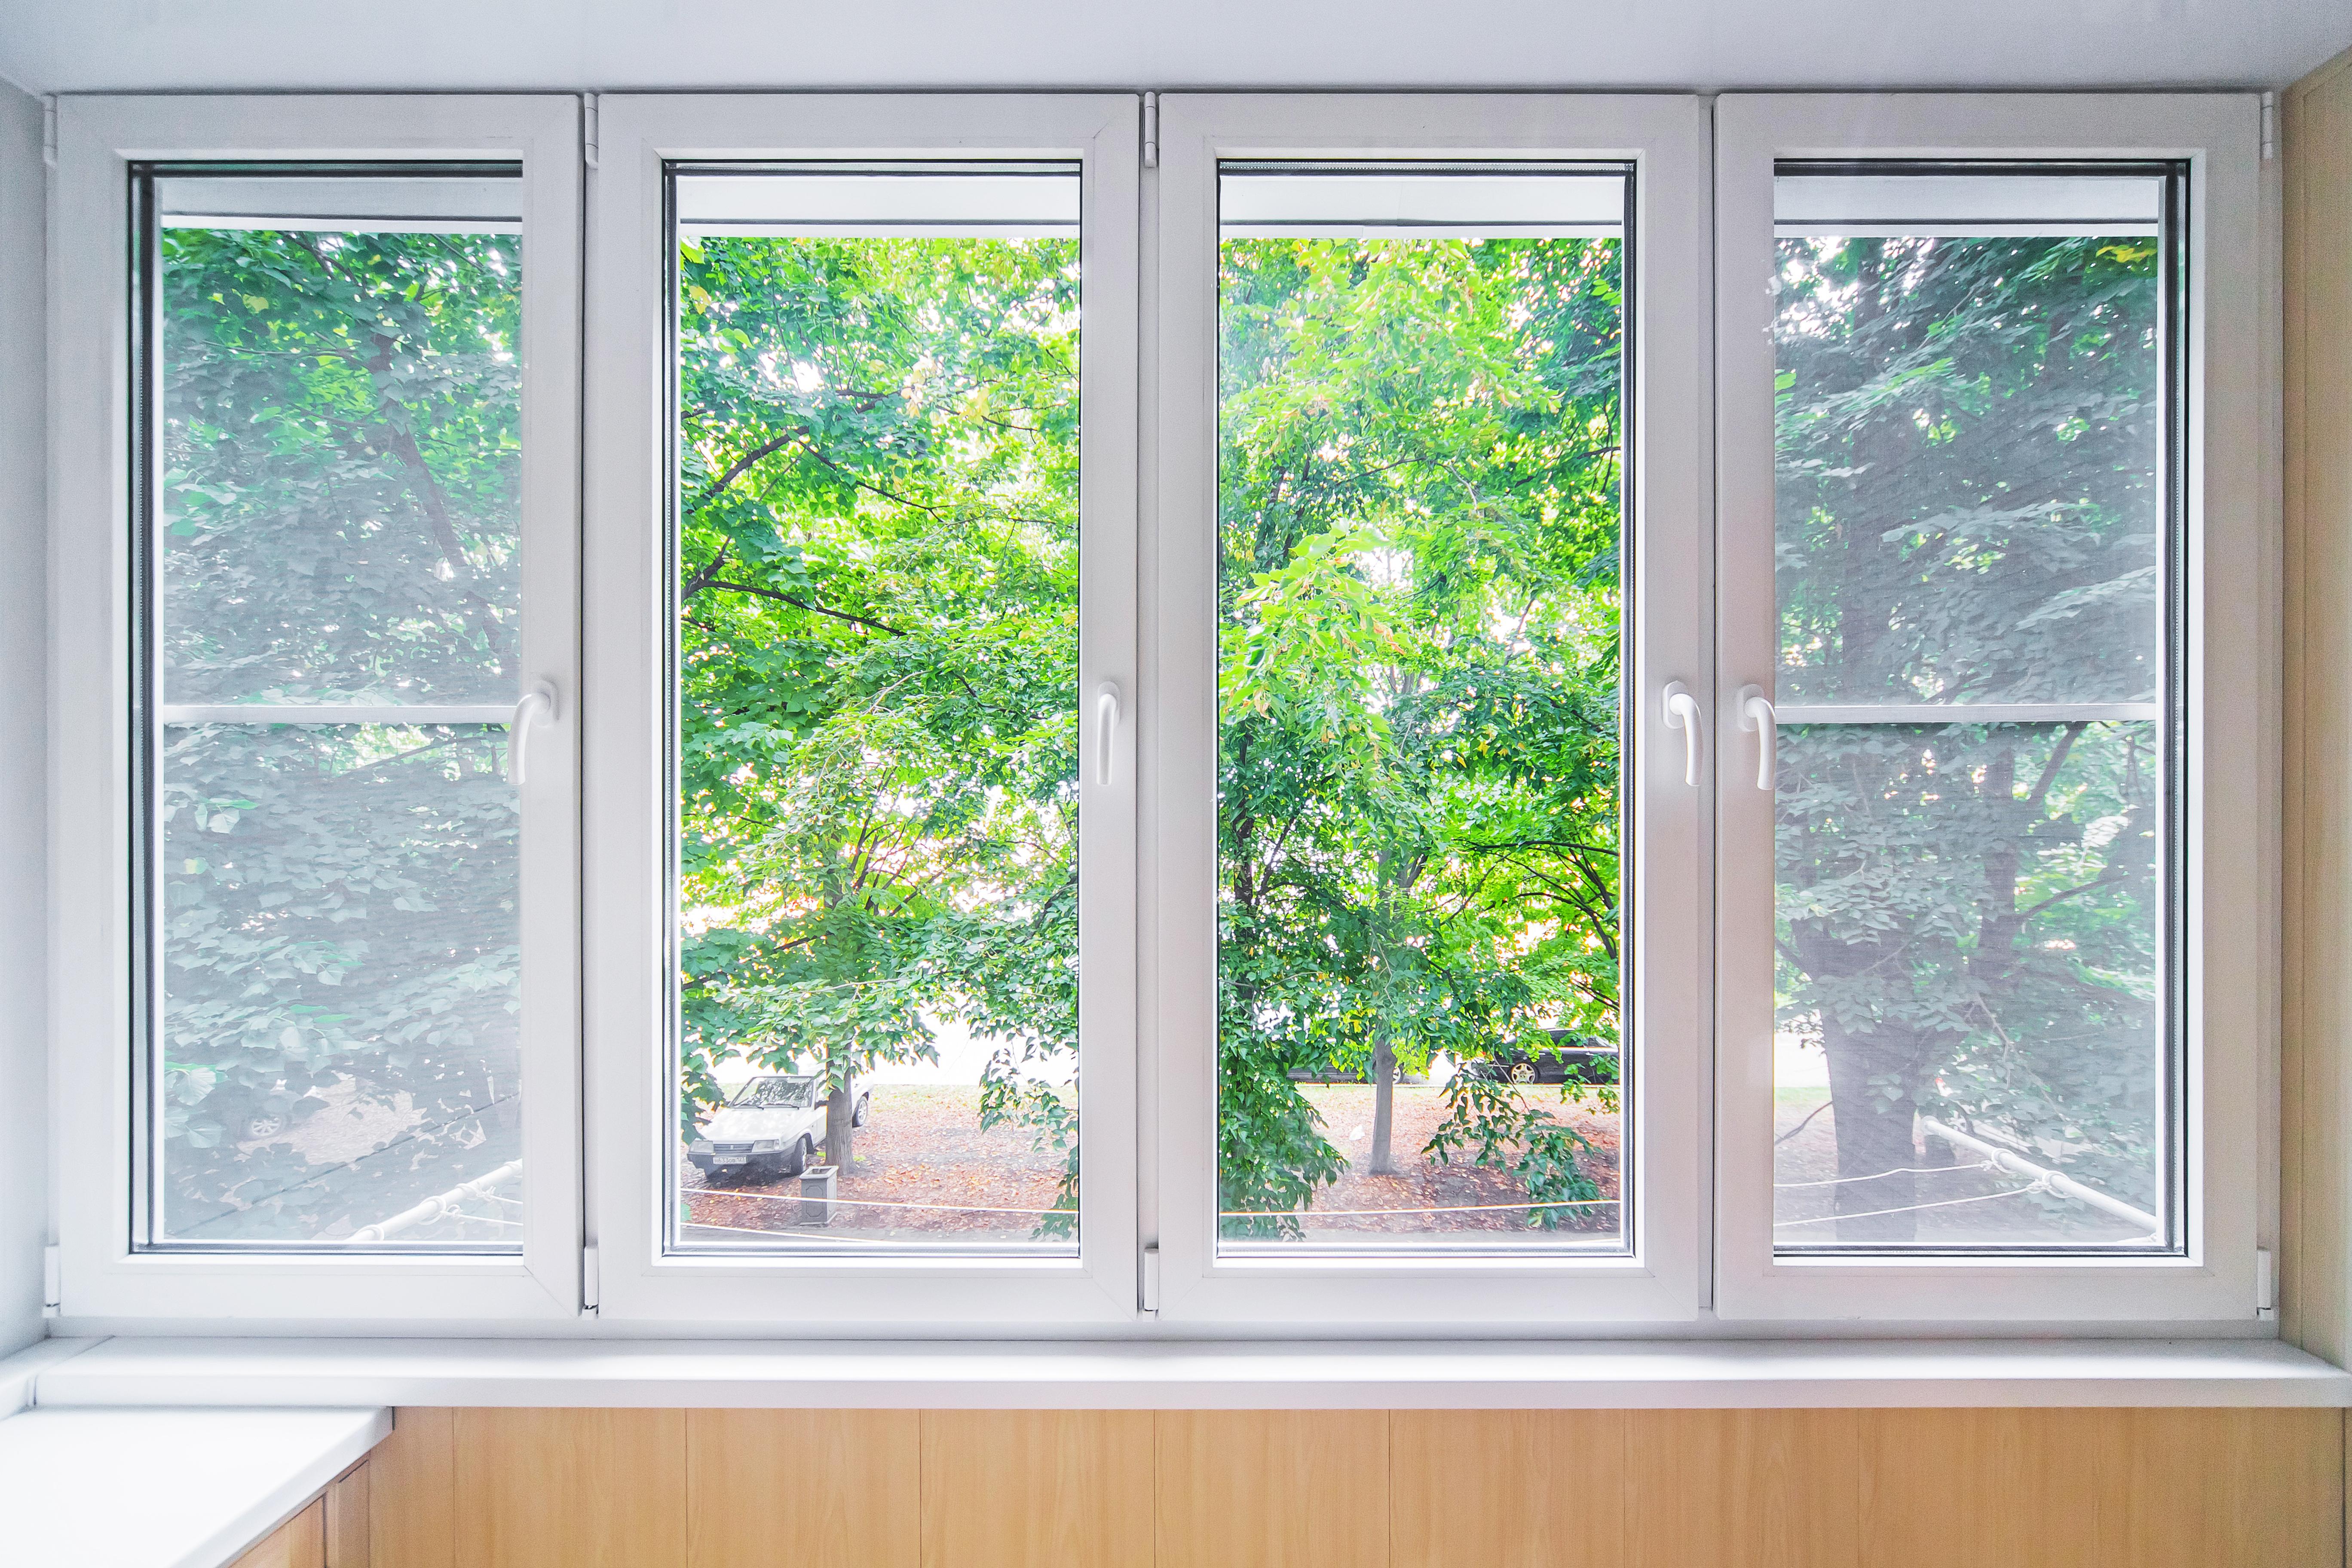 Plan de travail avec fenêtres pour pella page